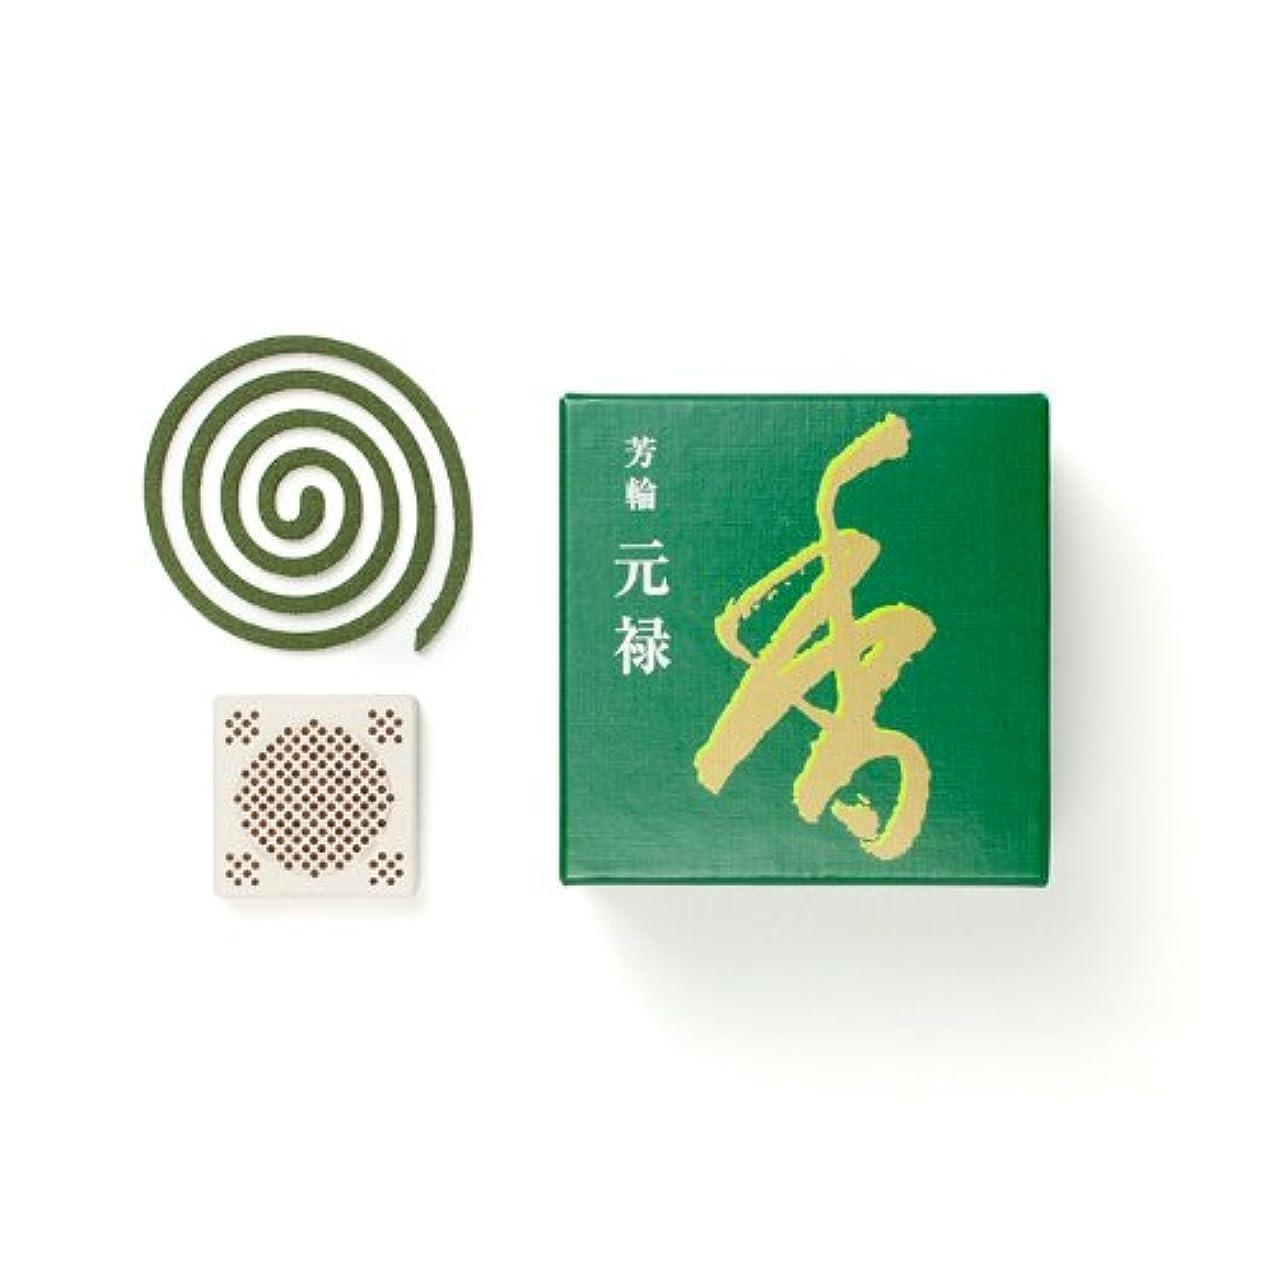 少なくとも小川フォルダ松栄堂のお香 芳輪元禄 渦巻型10枚入 うてな角型付 #210321